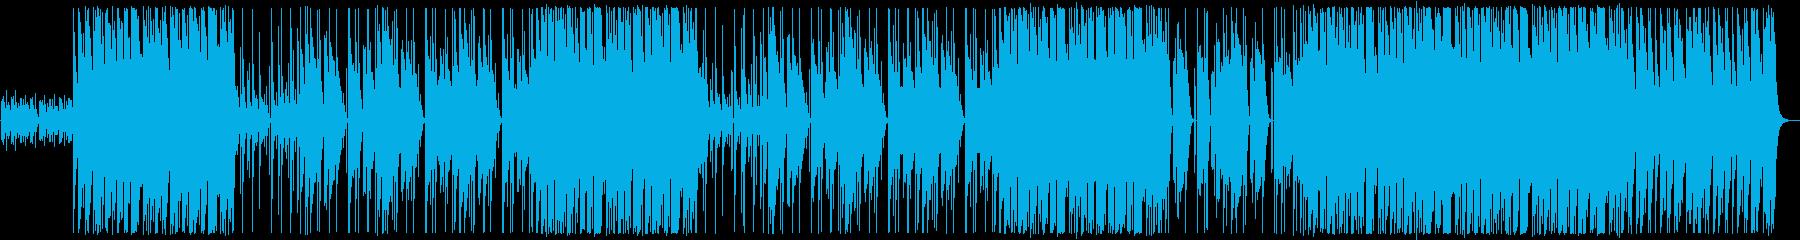 ヘビー/ディープ/ヒップホップ/ビートの再生済みの波形